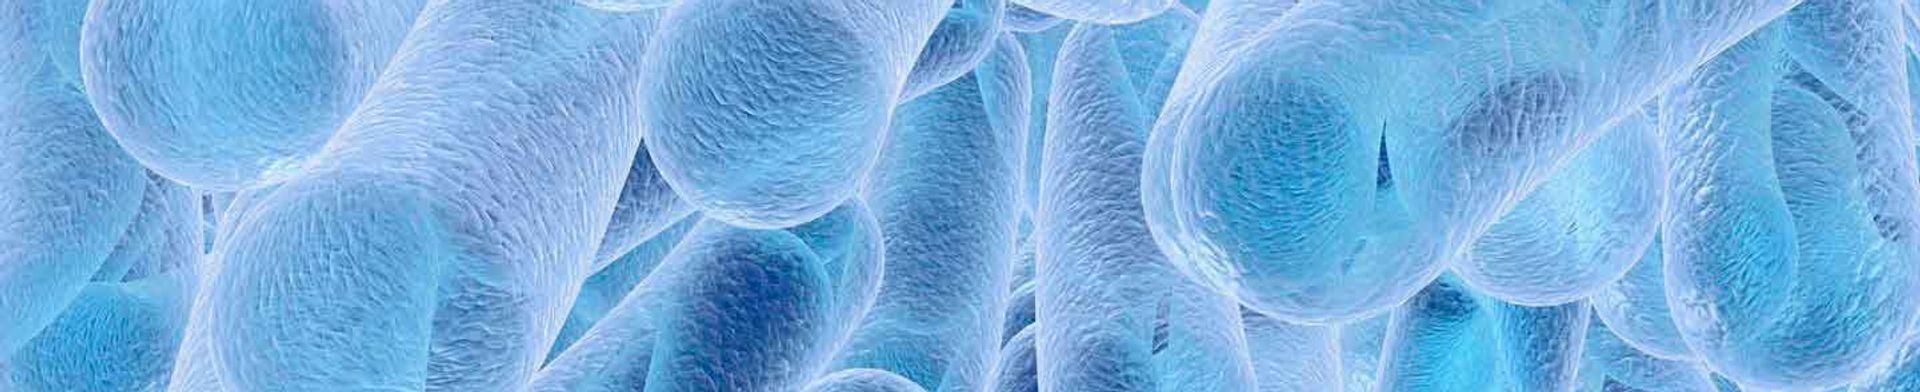 Control y Prevención de Legionella